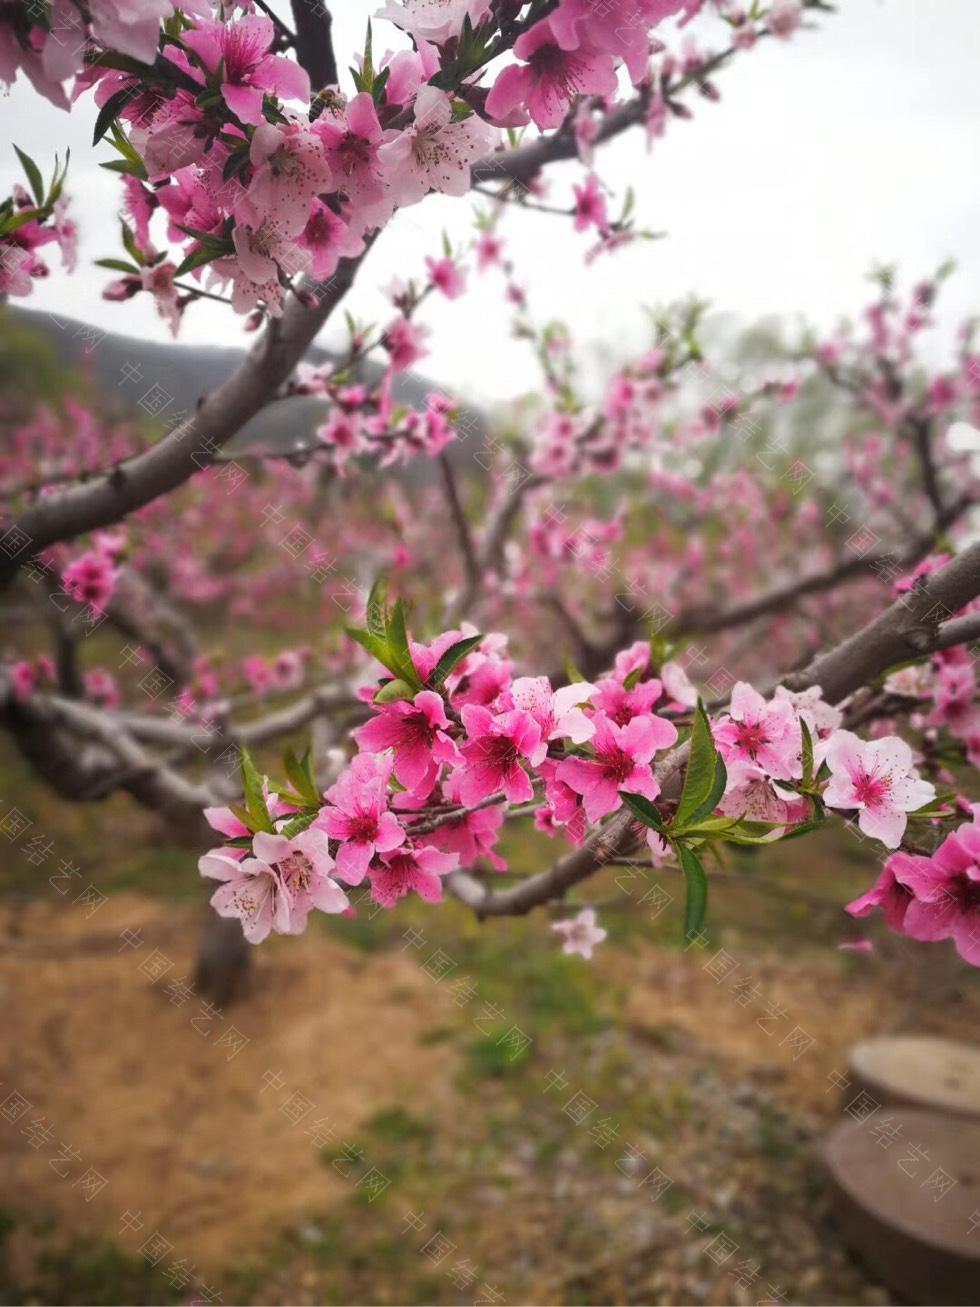 中国结论坛 春日出游 春日,日出,出游,形容春日出游的古诗,游玩的诗句朋友圈 作品展示 191056n7q9kxudgo898gta